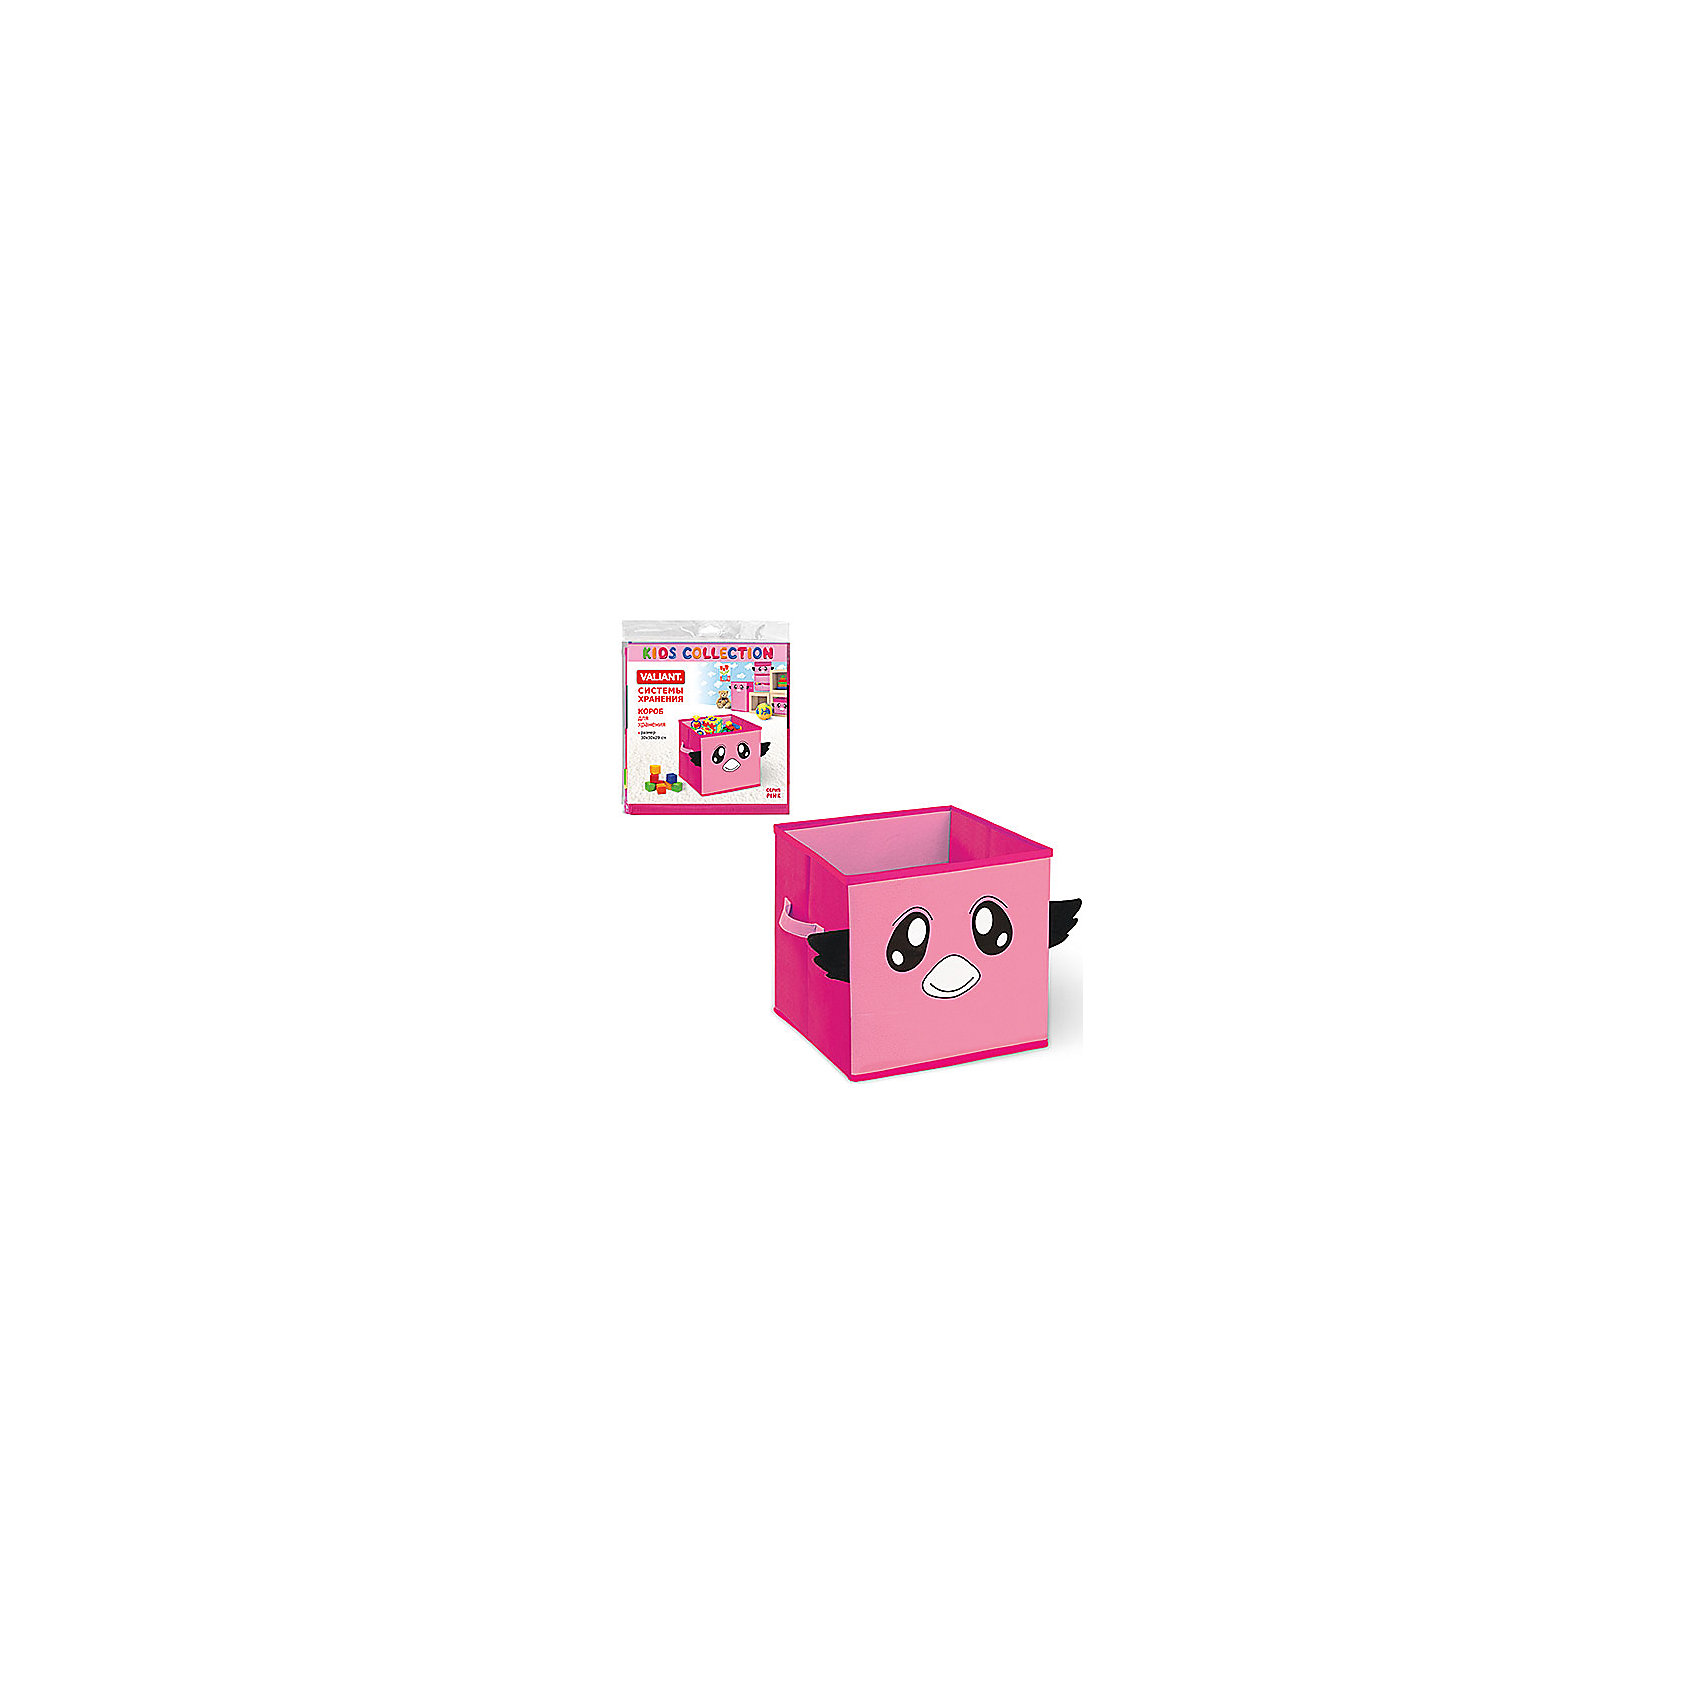 VALIANT Розовый короб для хранения 30*30*29 см